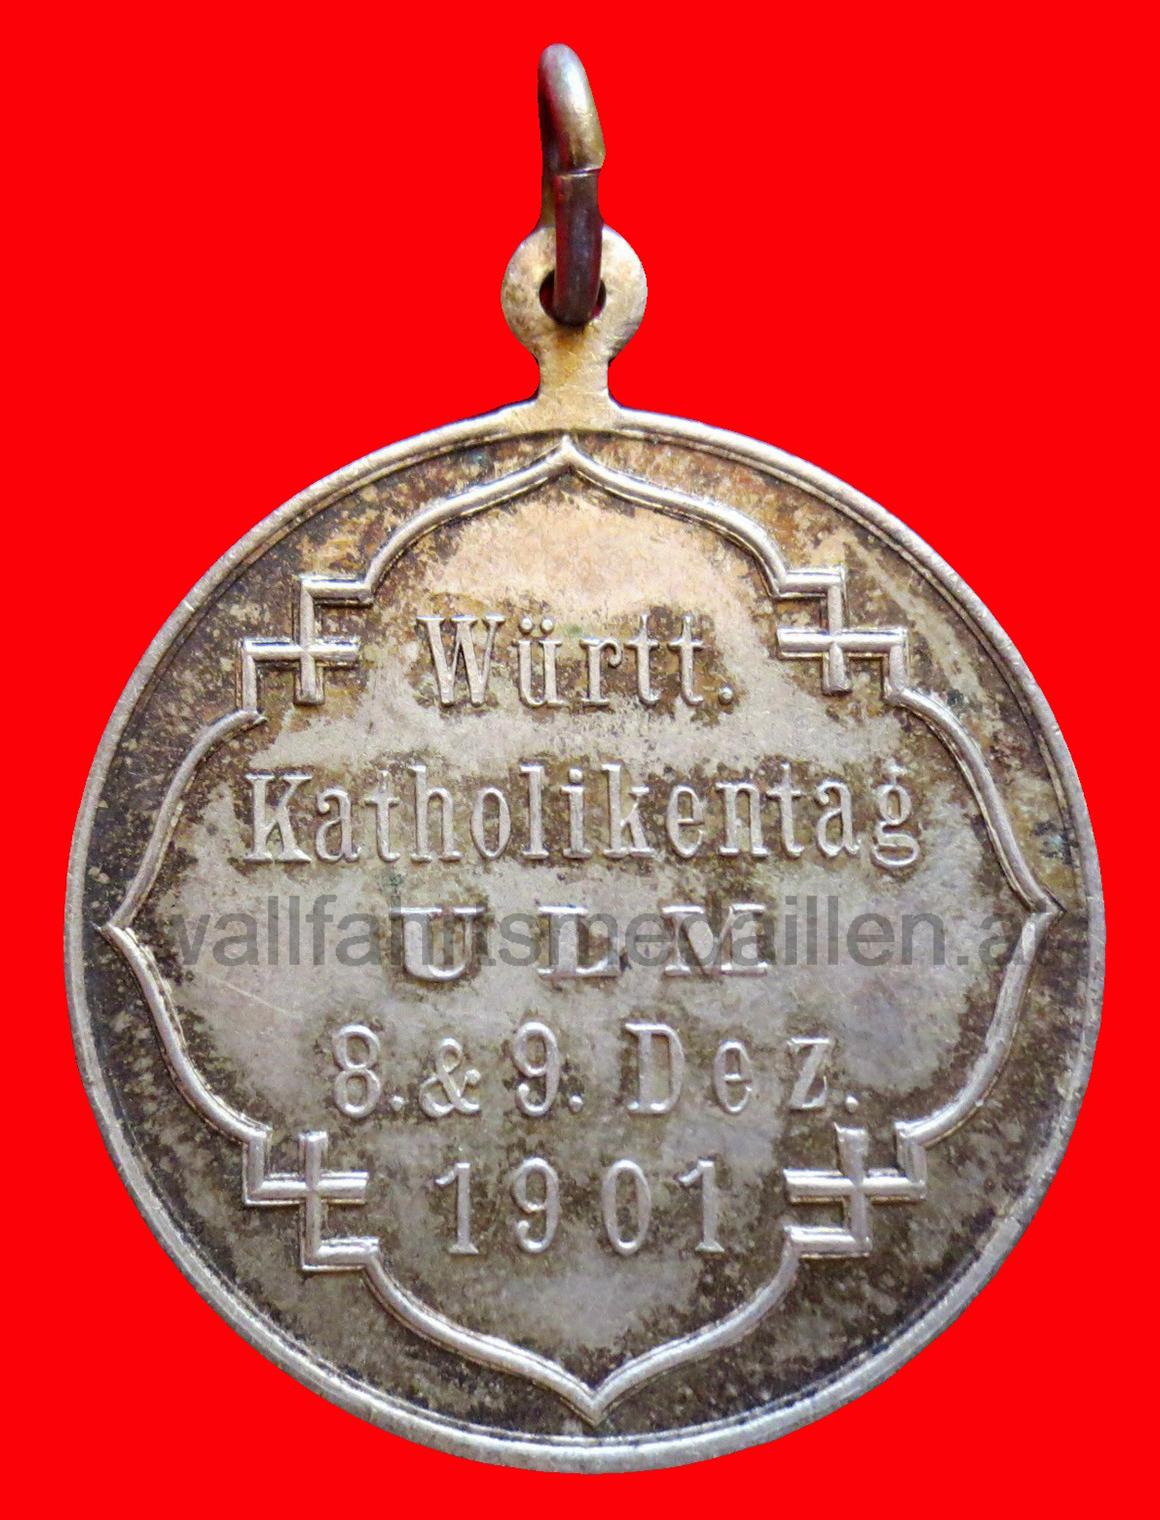 Katholikentag Ulm 1901